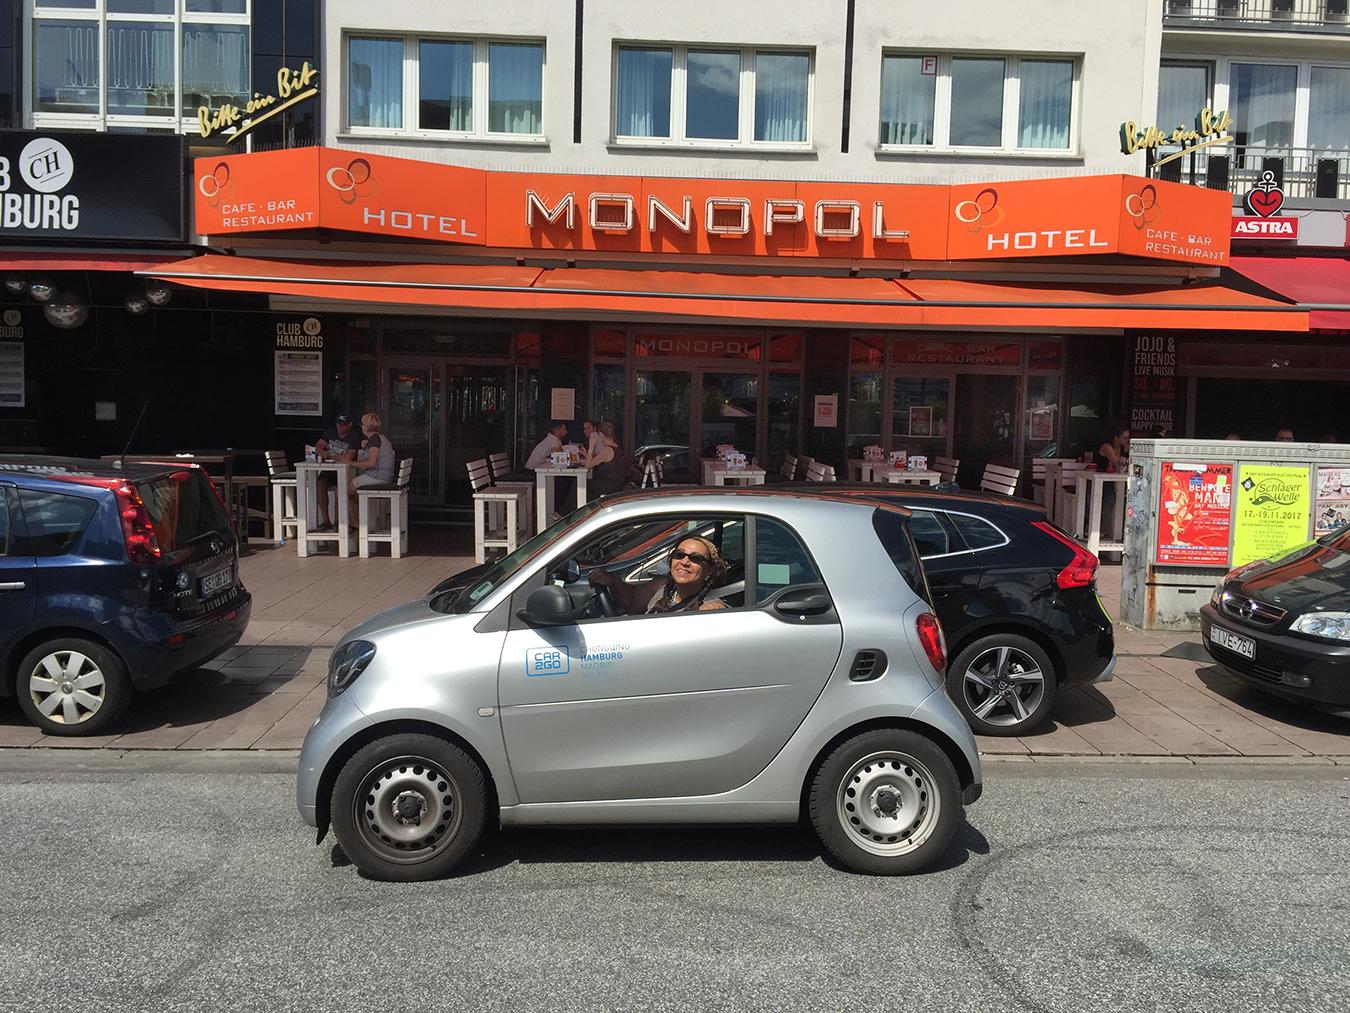 Tony_Ward_photography_travelogue_hotel_Monopol_Reeperbahn_St_Pauli_Hamburg_Suzy_Talib